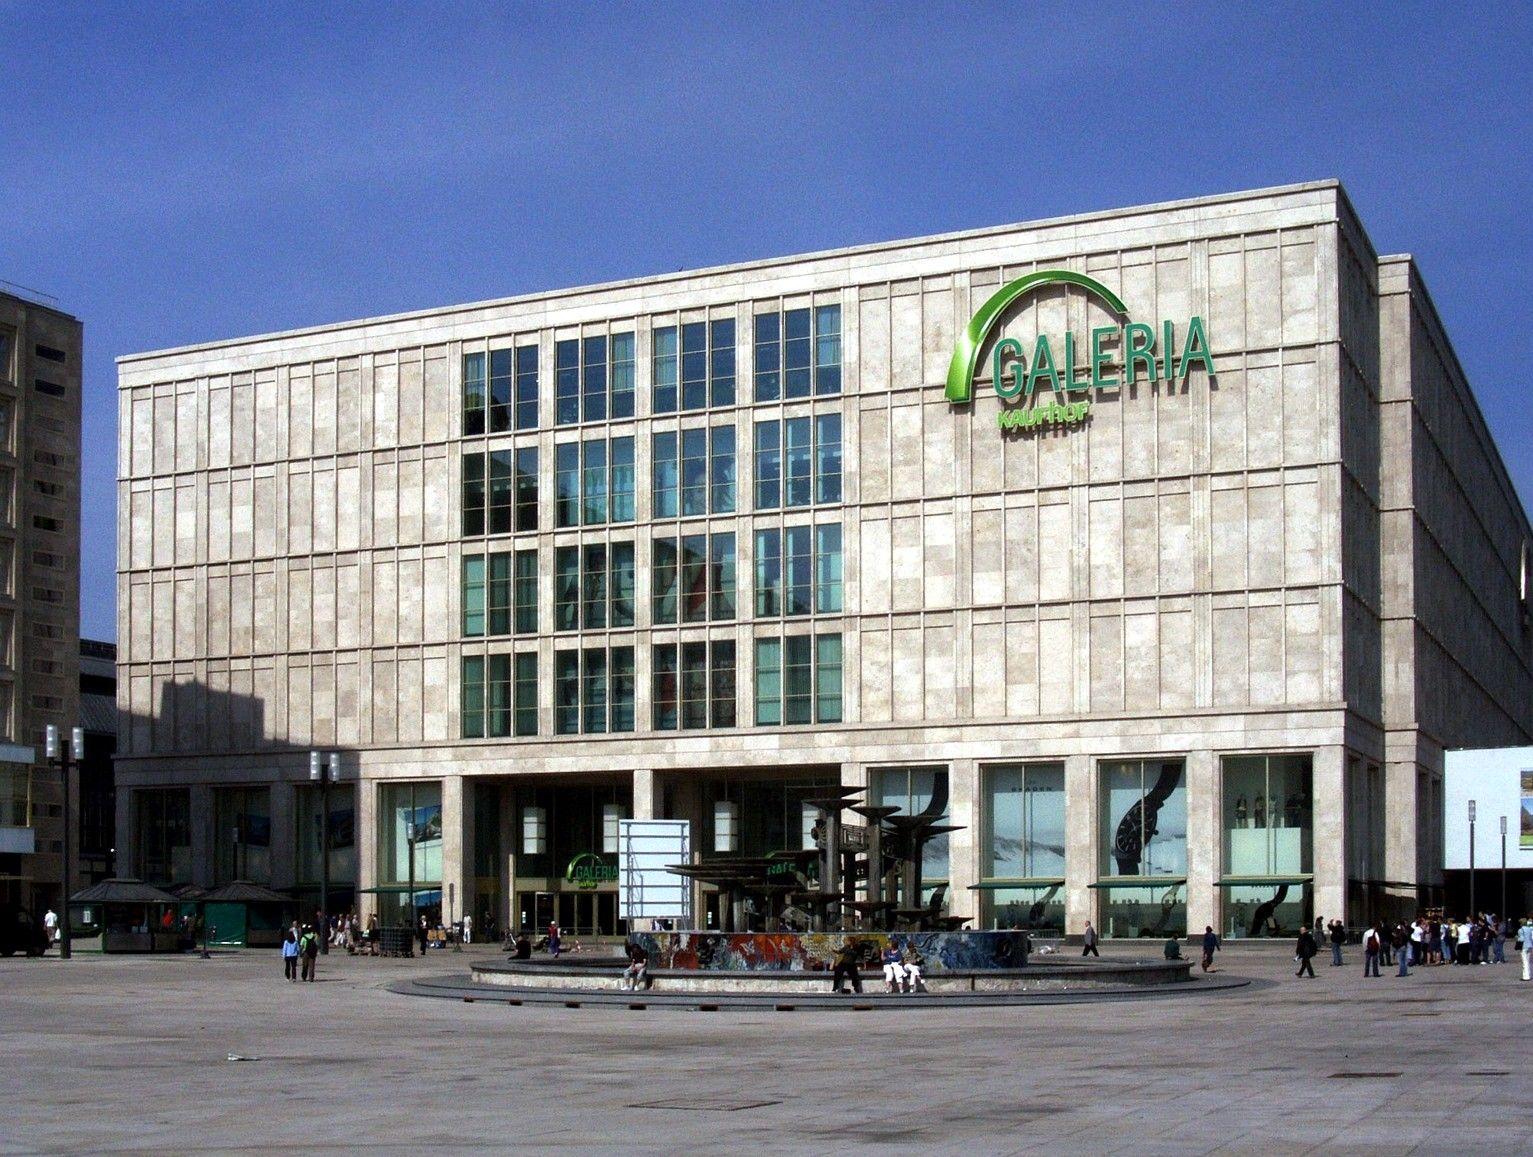 Galeria Kaufhof Berlin Google Search Berlin Stadt Und Strasse